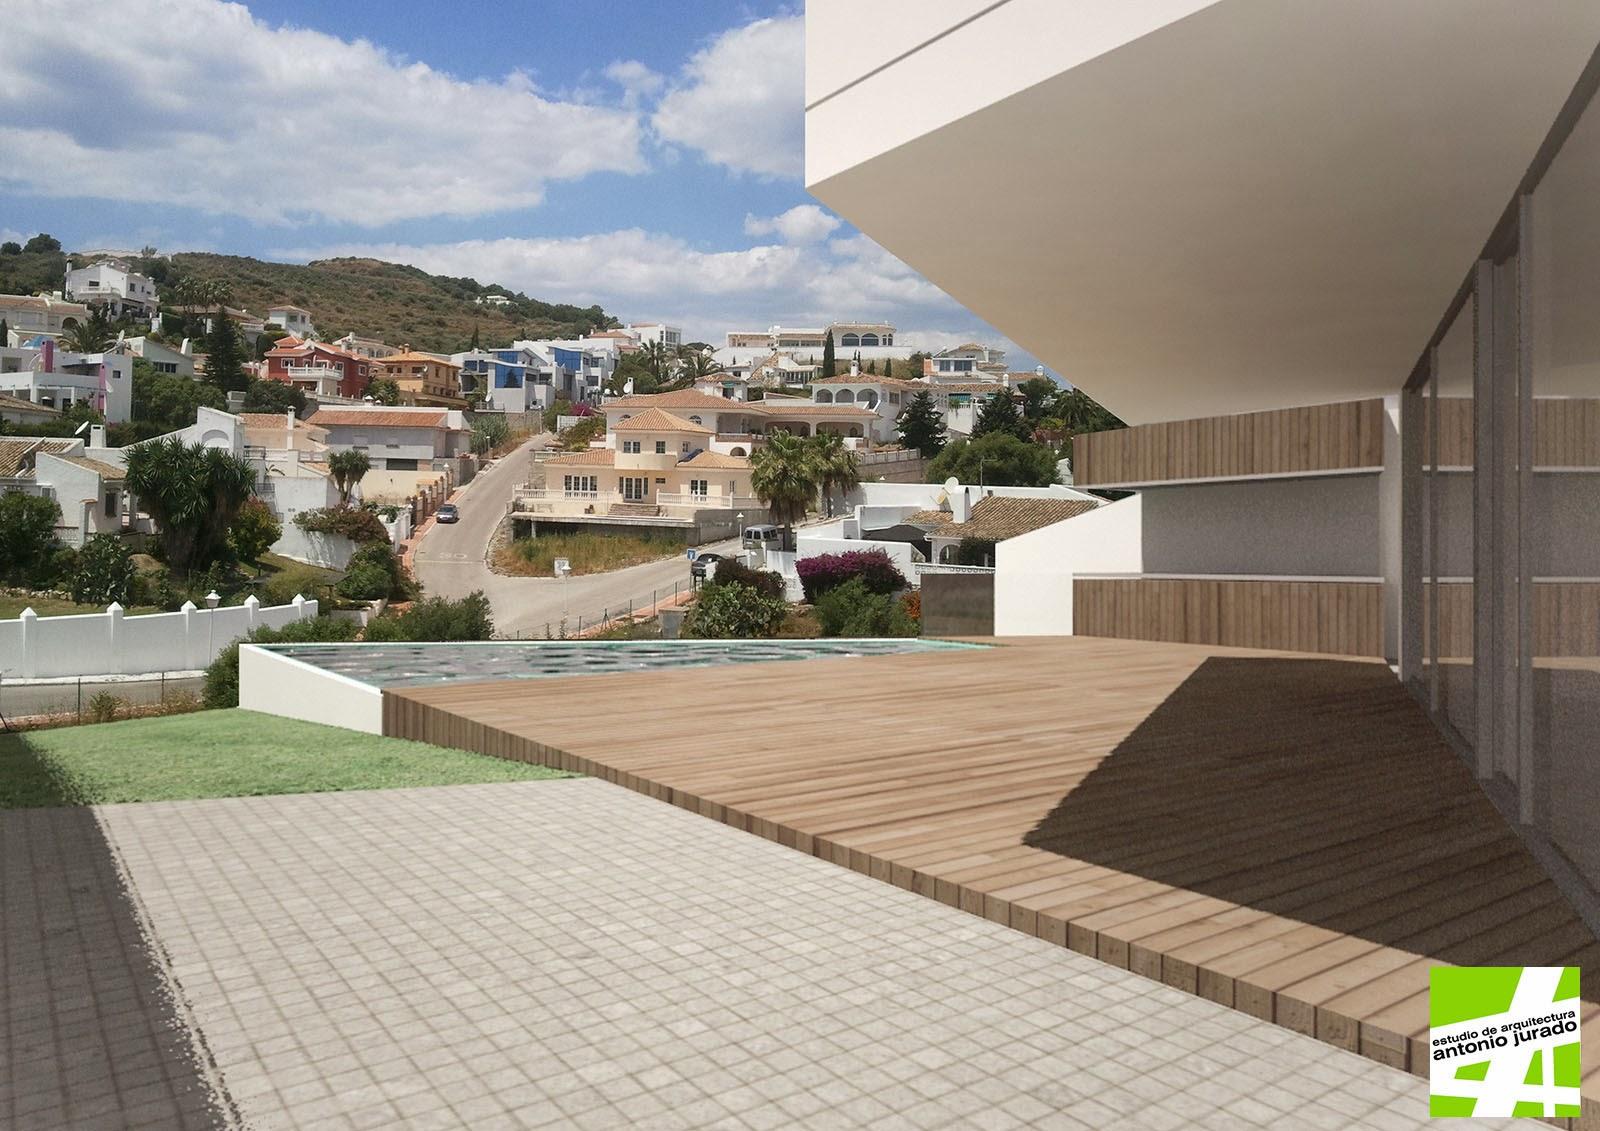 Vivienda unifamiliar en urb cerro del aguila mijas - Arquitectos malaga ...